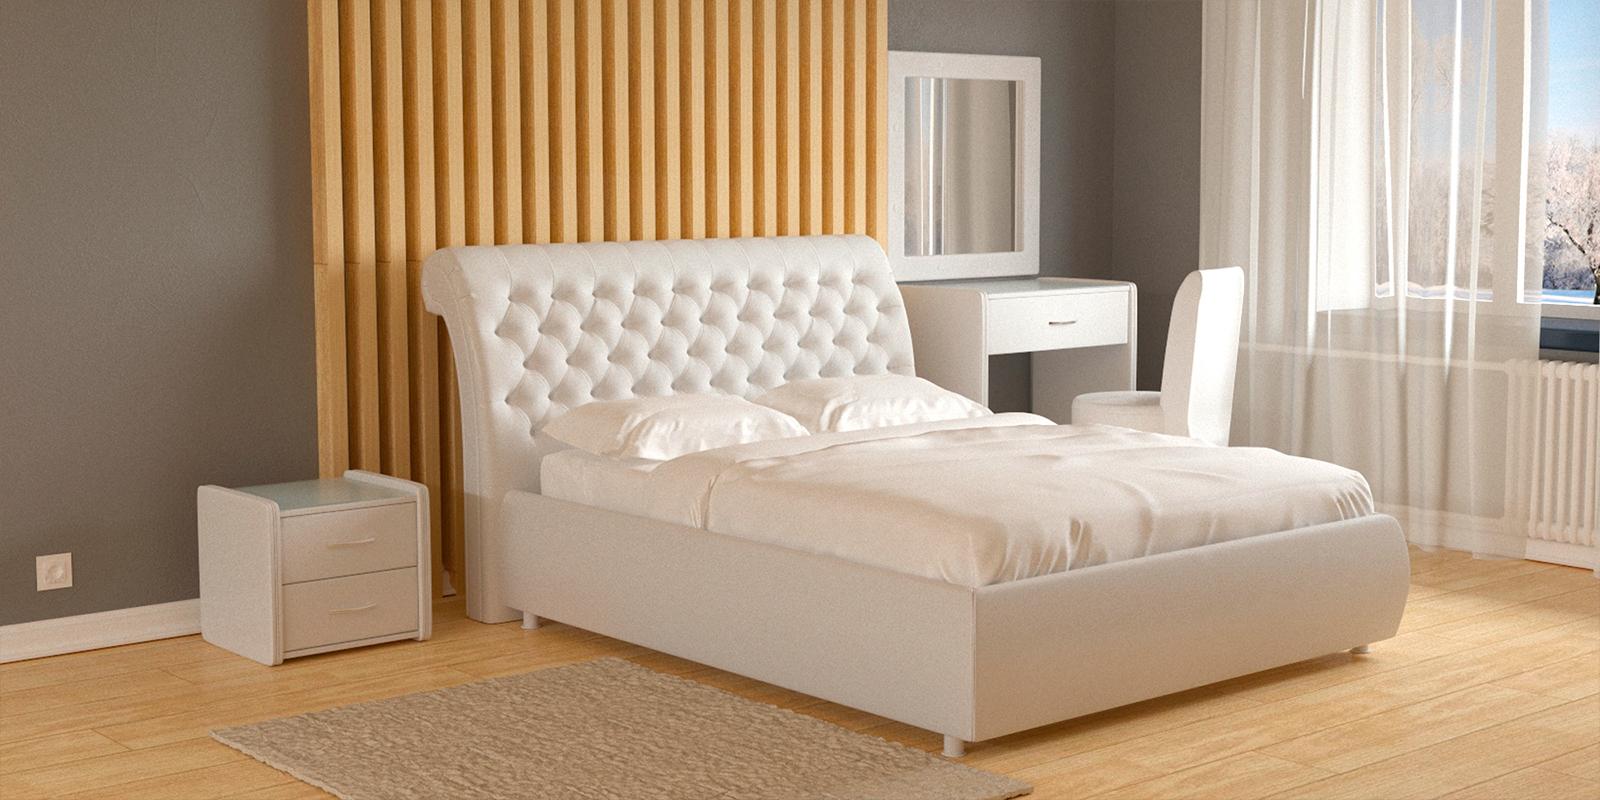 Мягкая кровать 200х160 Малибу вариант №6 с ортопедическим основанием (Белый)